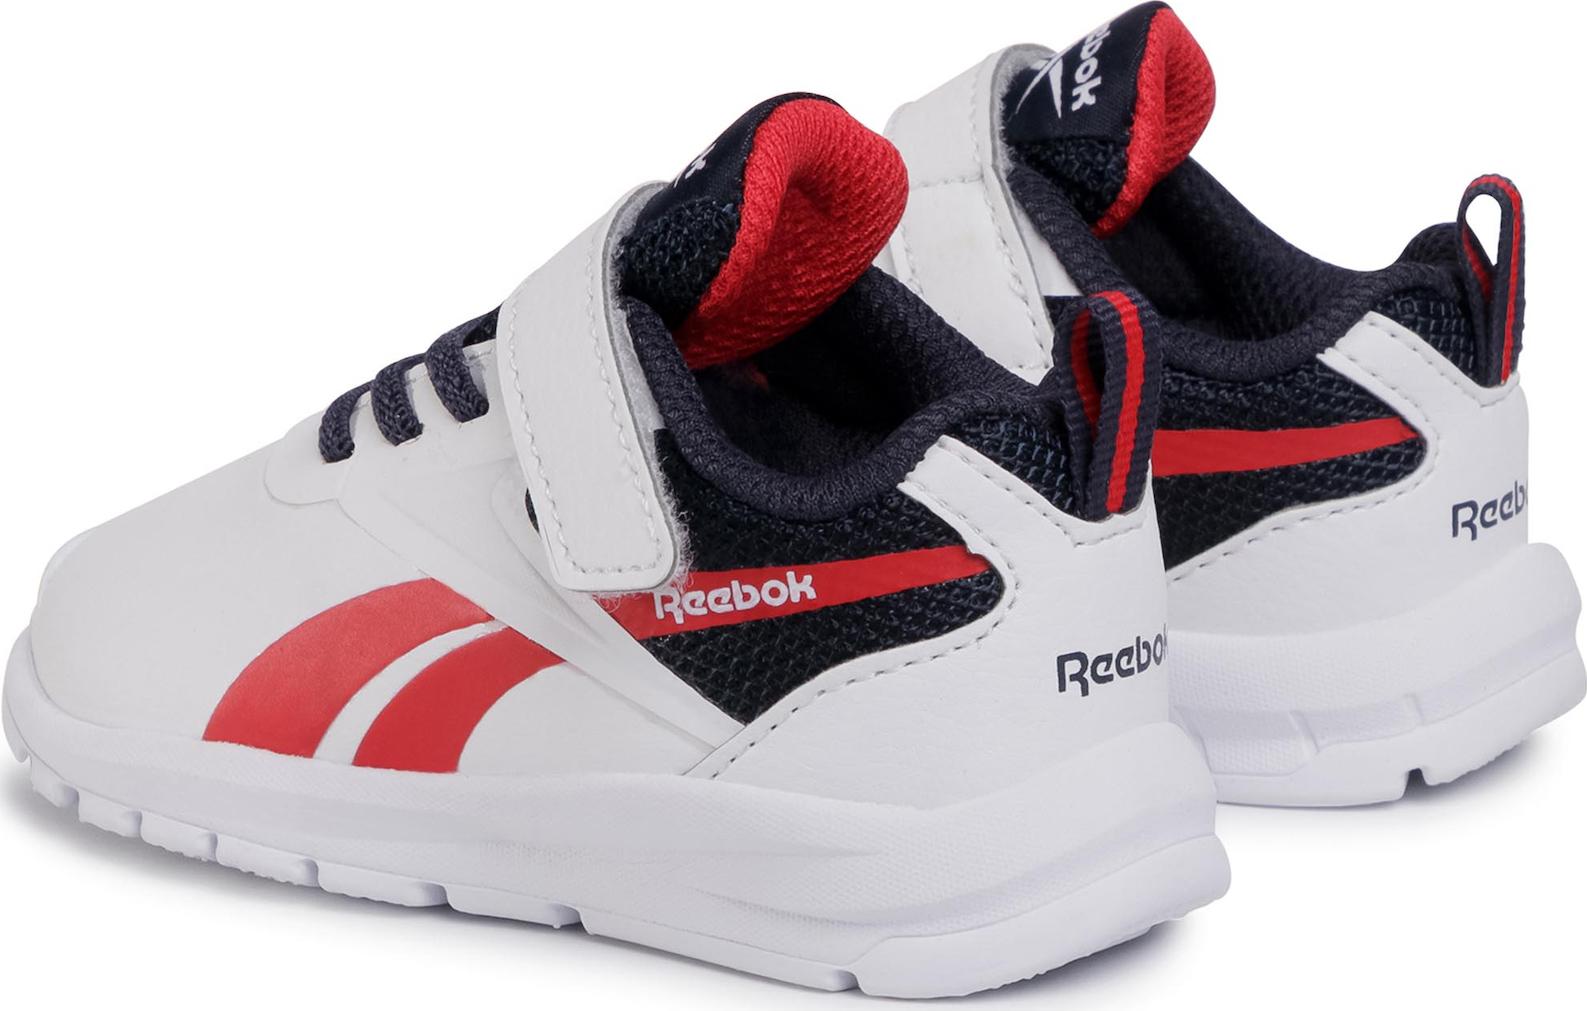 REEBOK RUSH RUNNER 3.0 FV0500